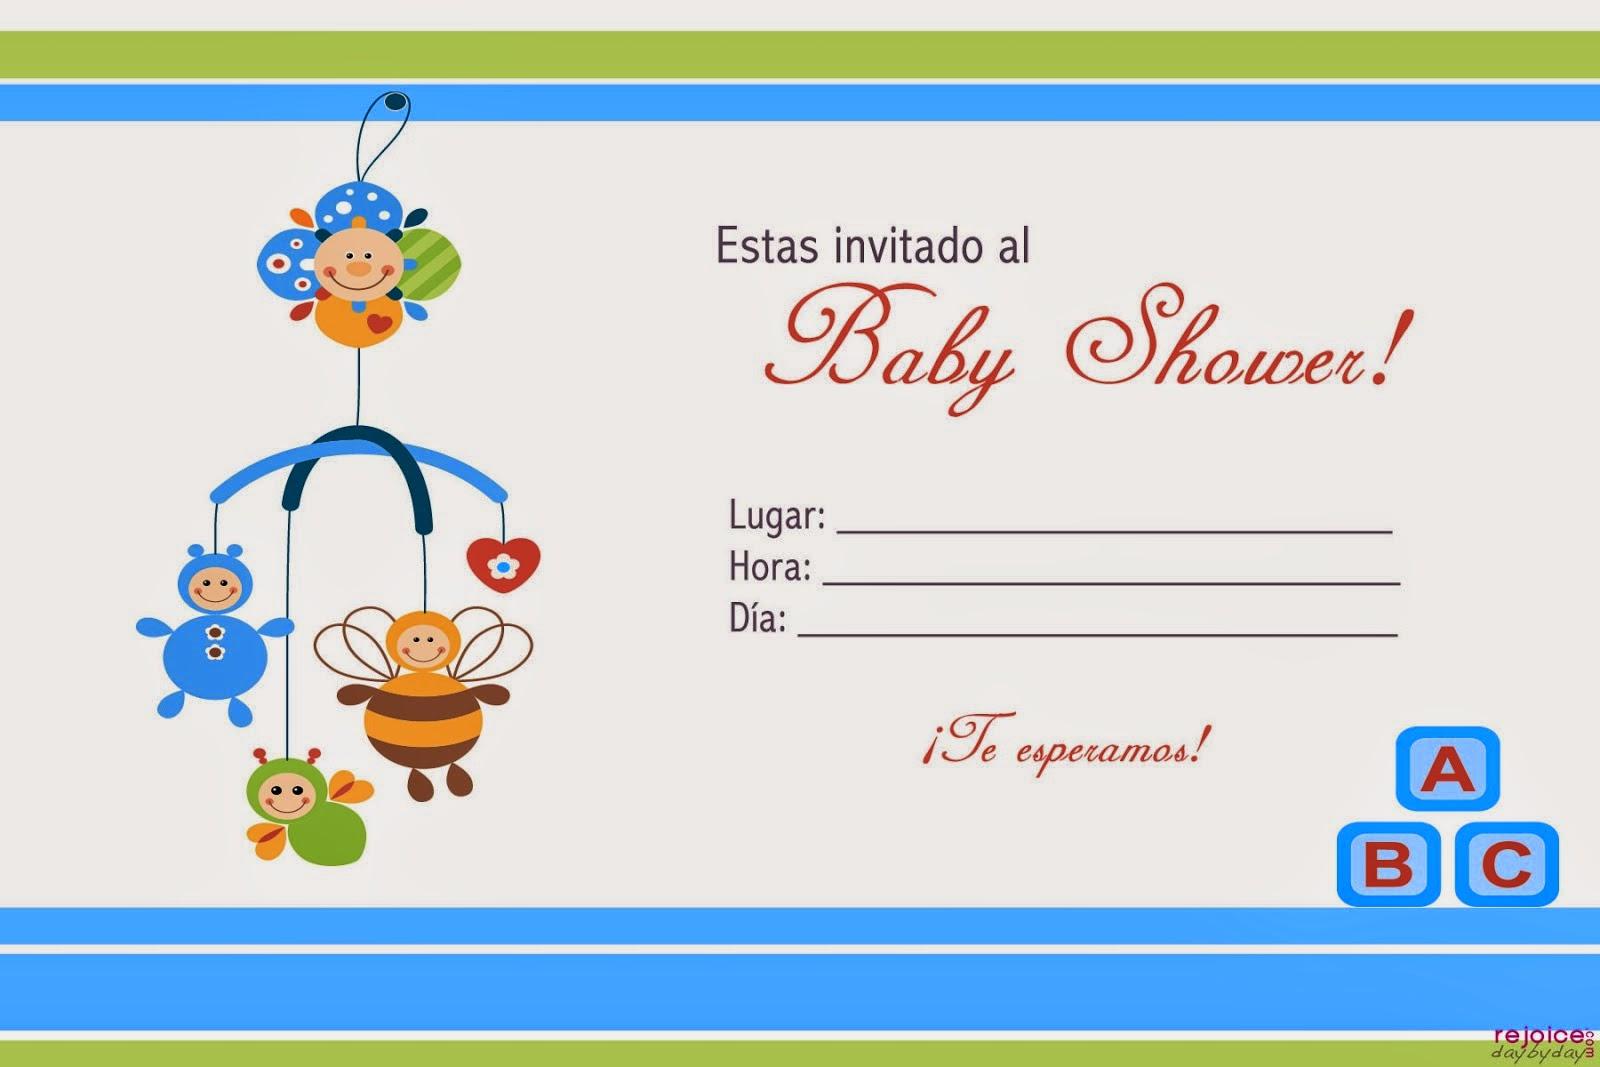 Juegos de Baby shower para imprimir gratis | Tarjetas